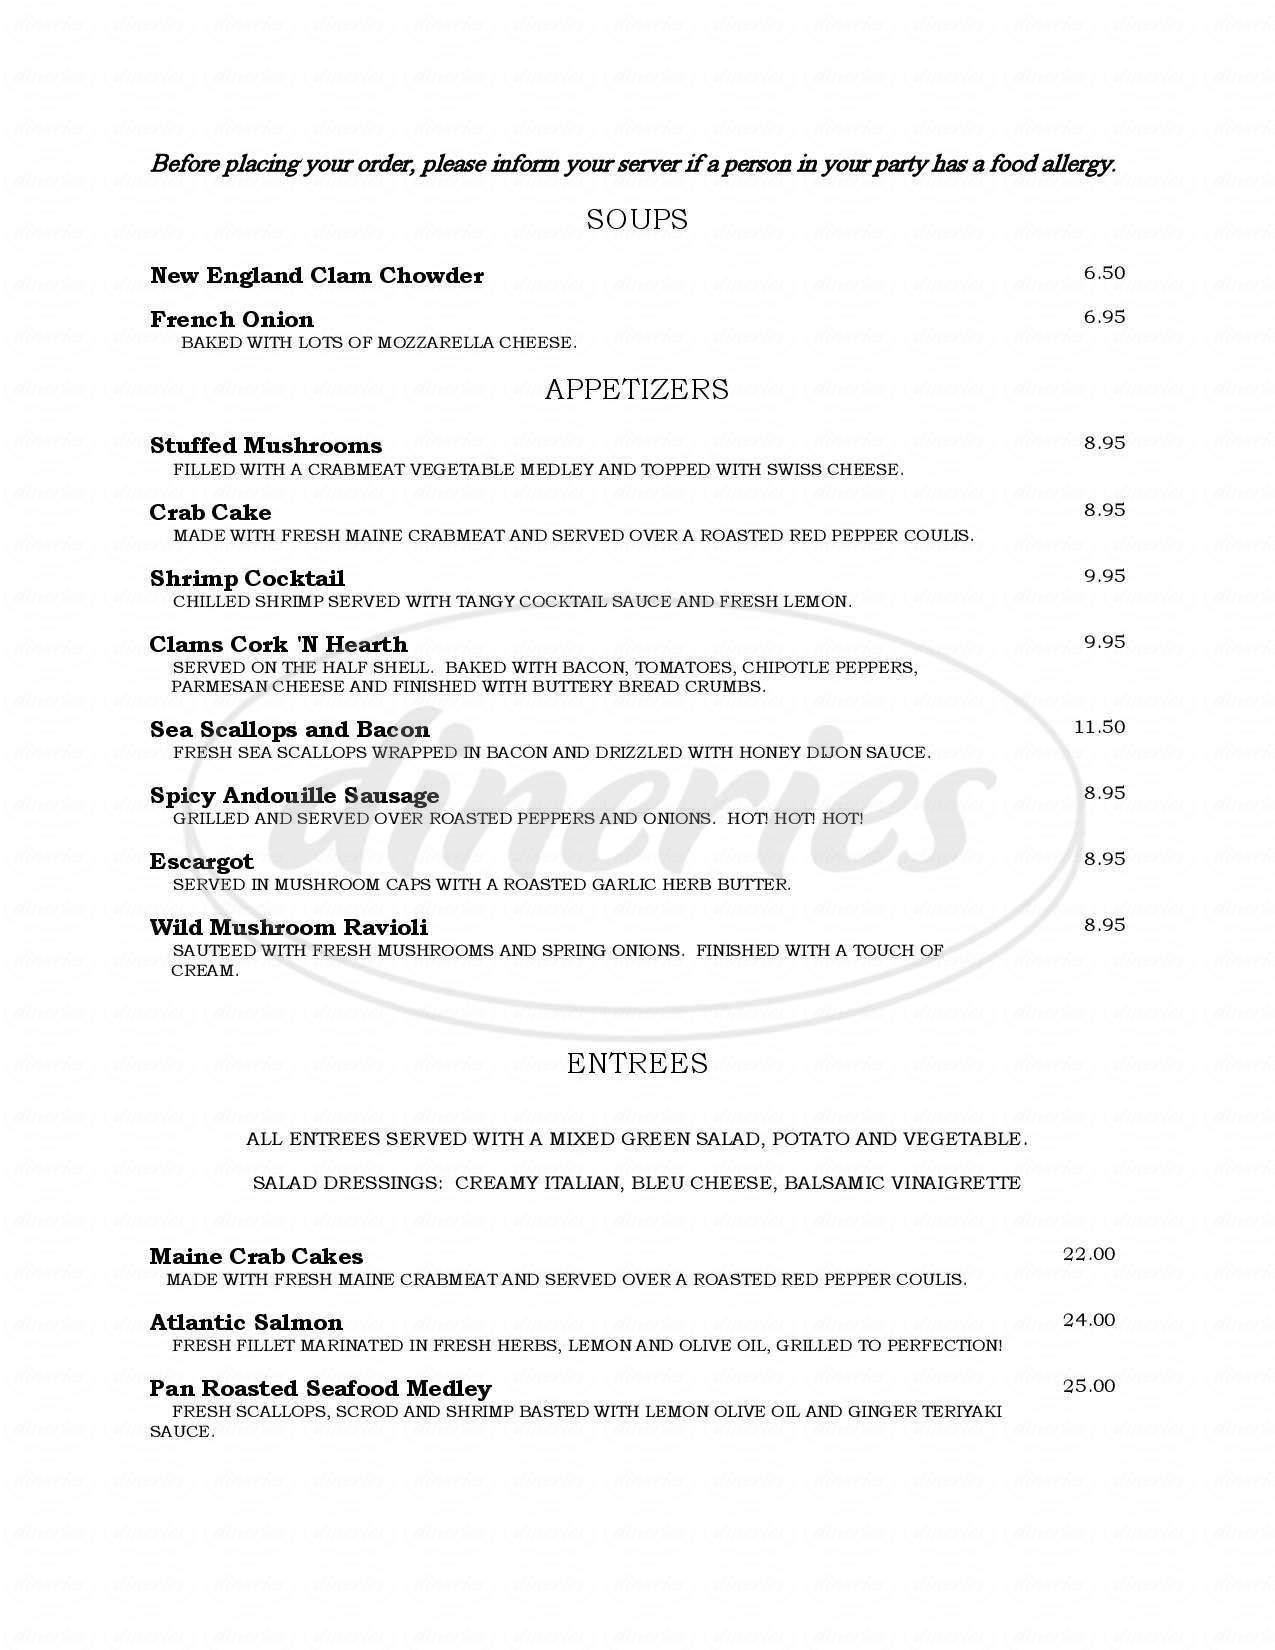 menu for Cork N' Hearth